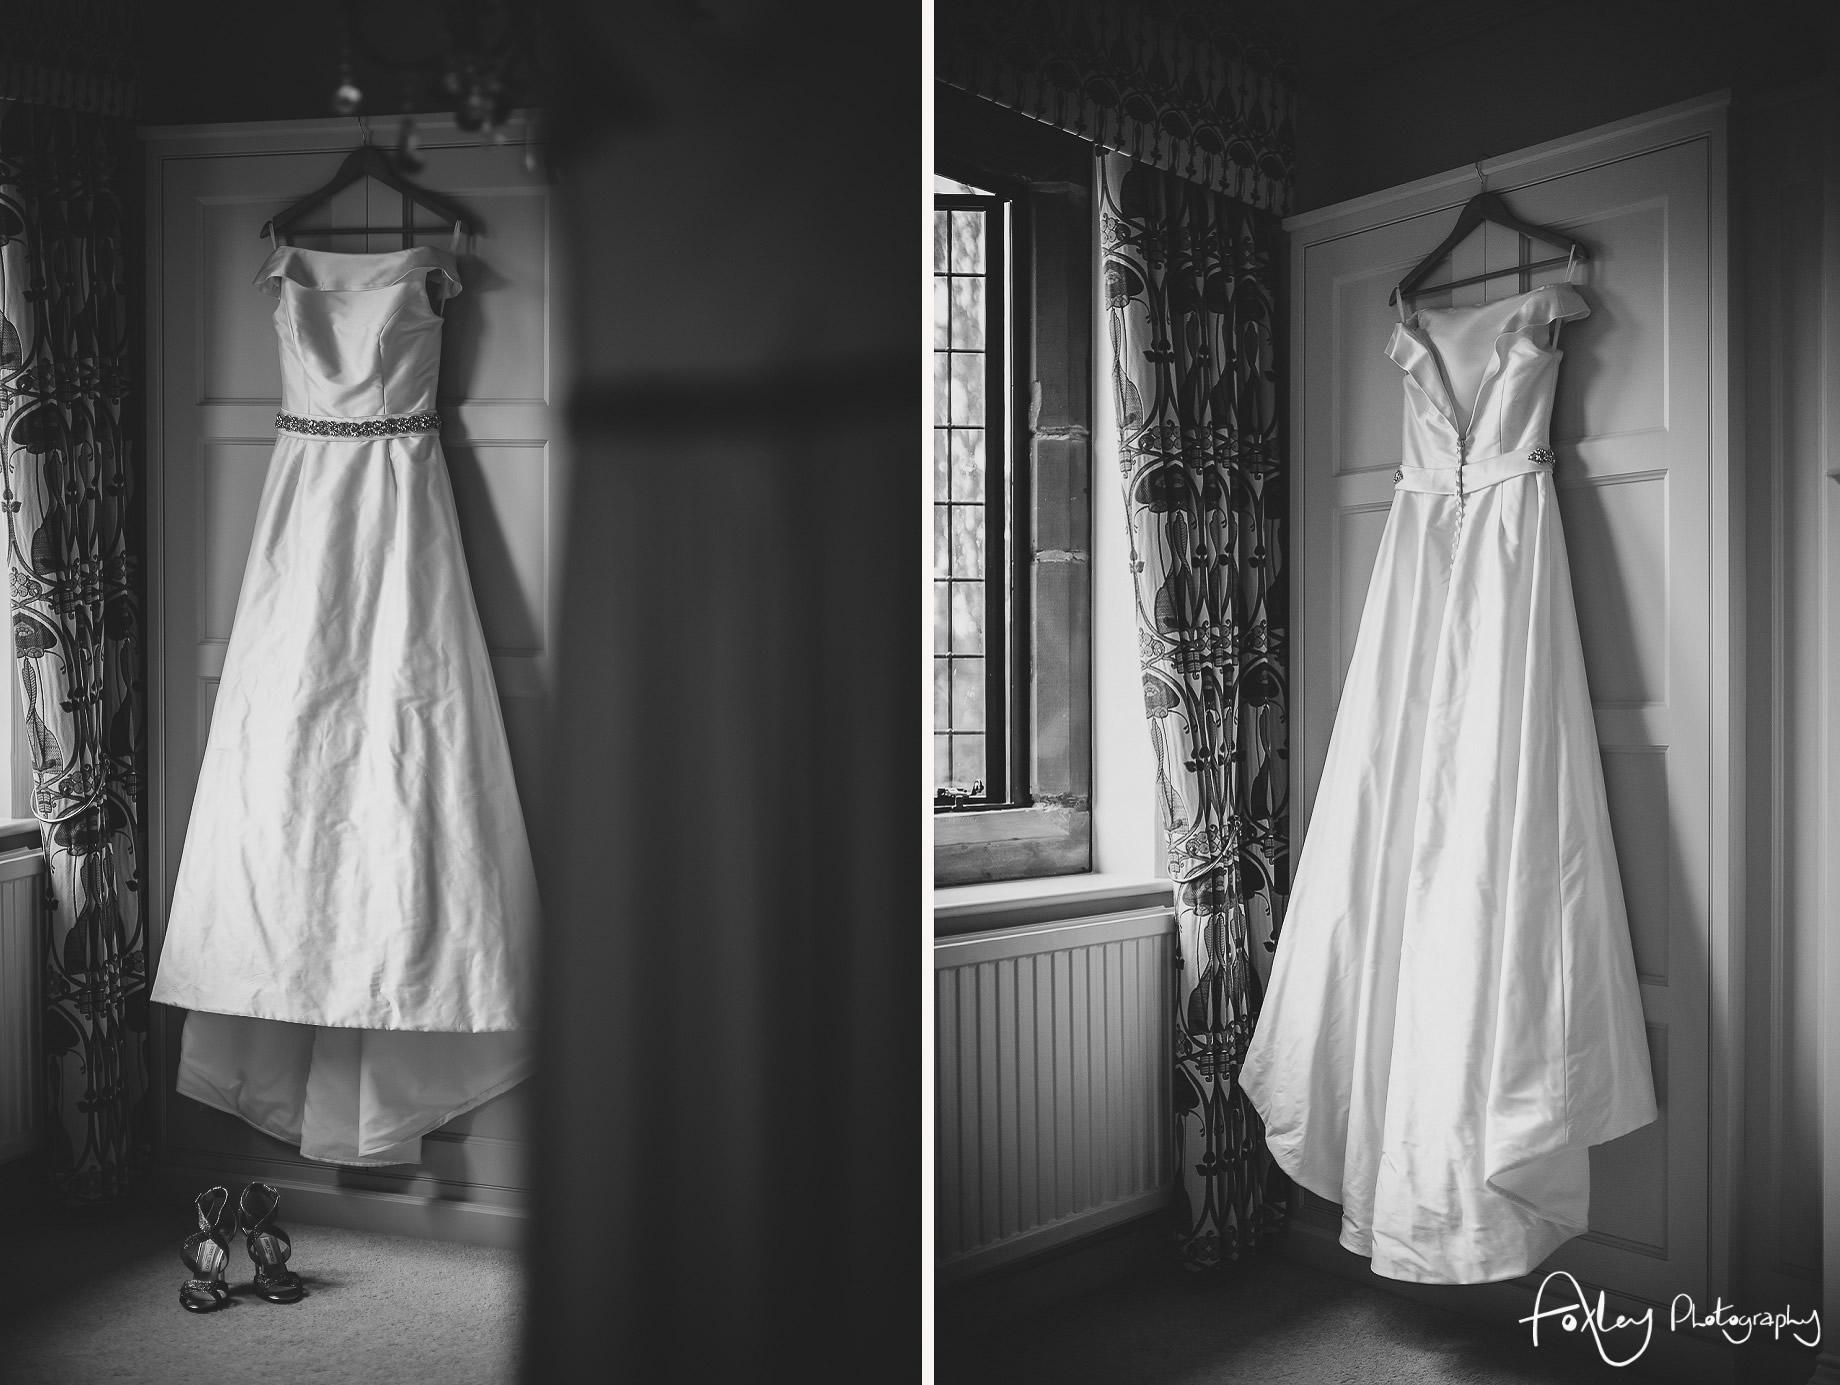 Simona-and-Robert-Wedding-at-Colshaw-Hall-008